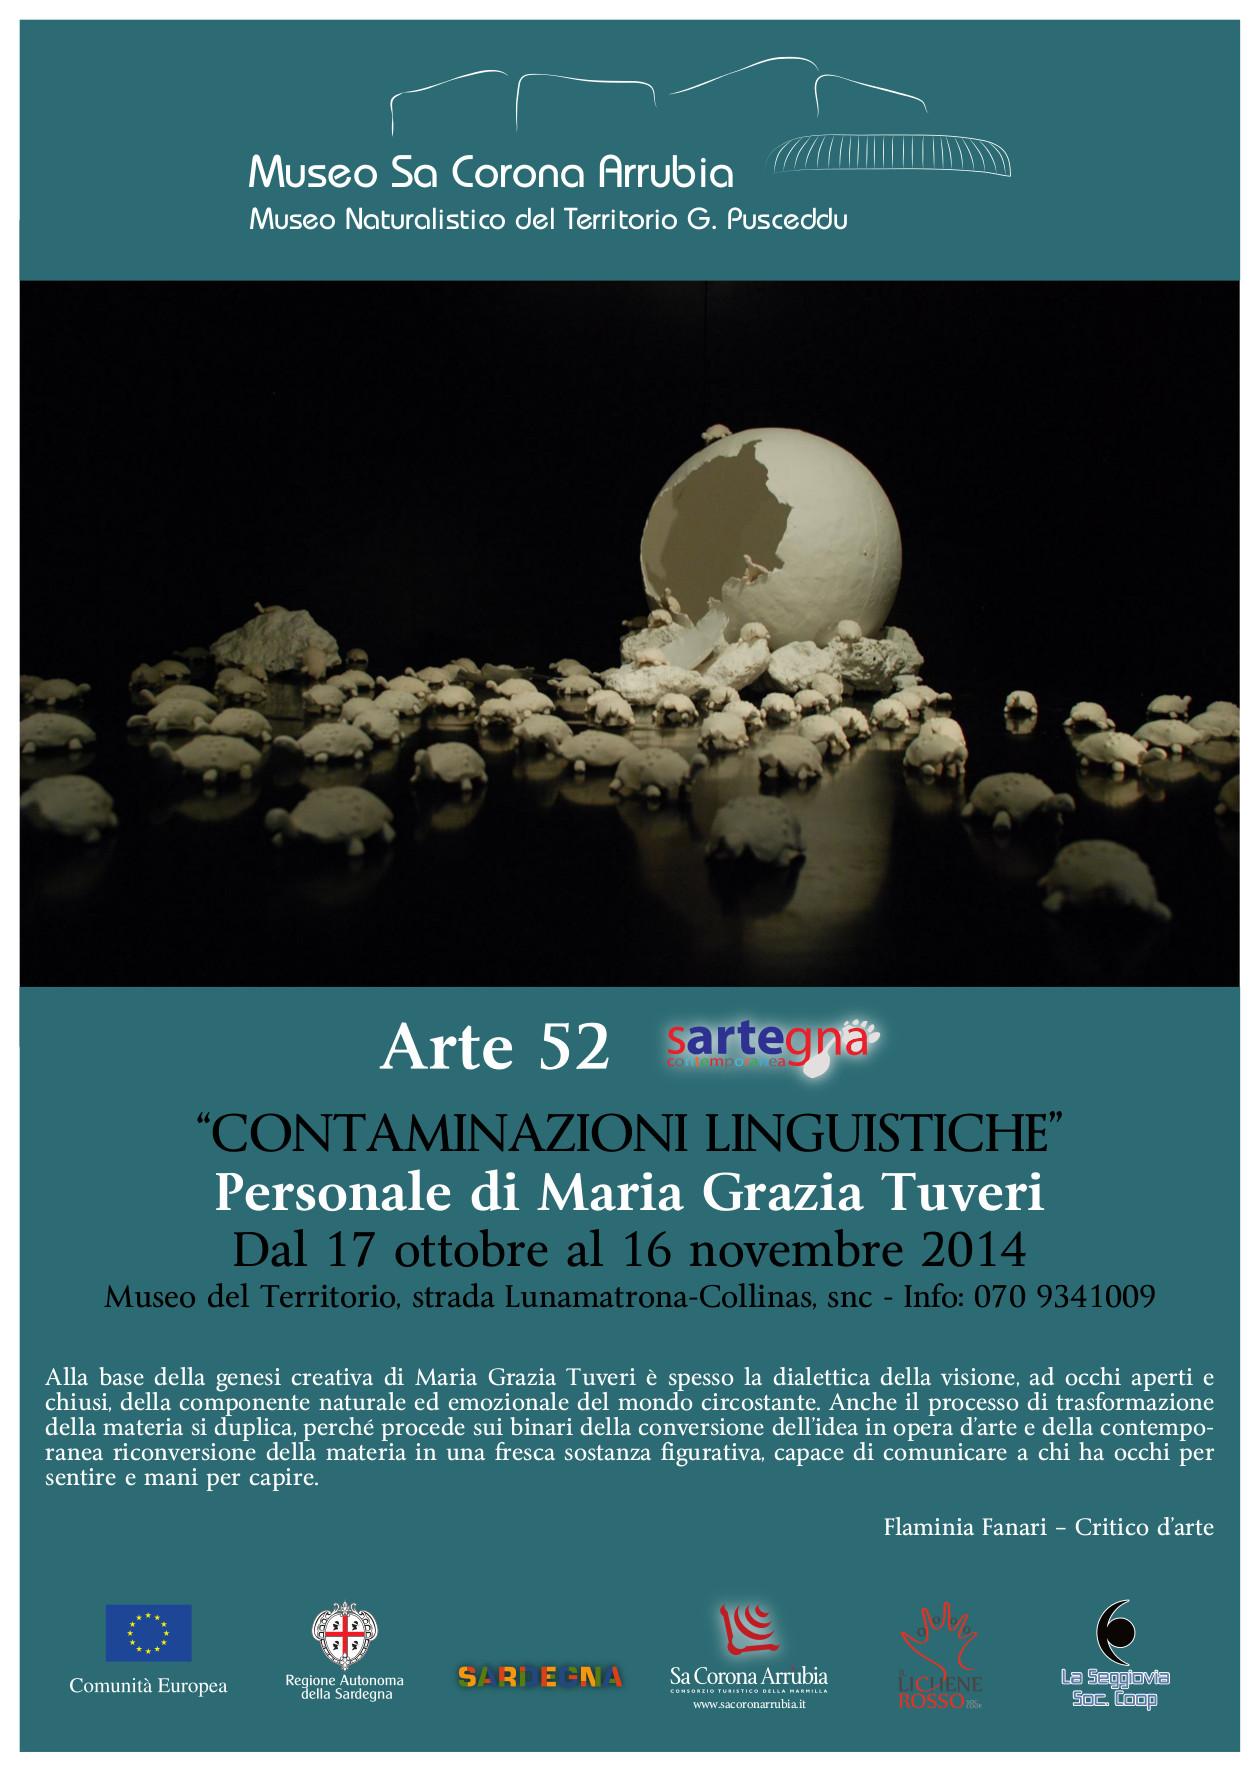 """Personale di Maria Grazia Tuveri dal 17 ottobre al 16 novembre 2014 al Museo naturalistico del territorio """"G. Pusceddu"""""""